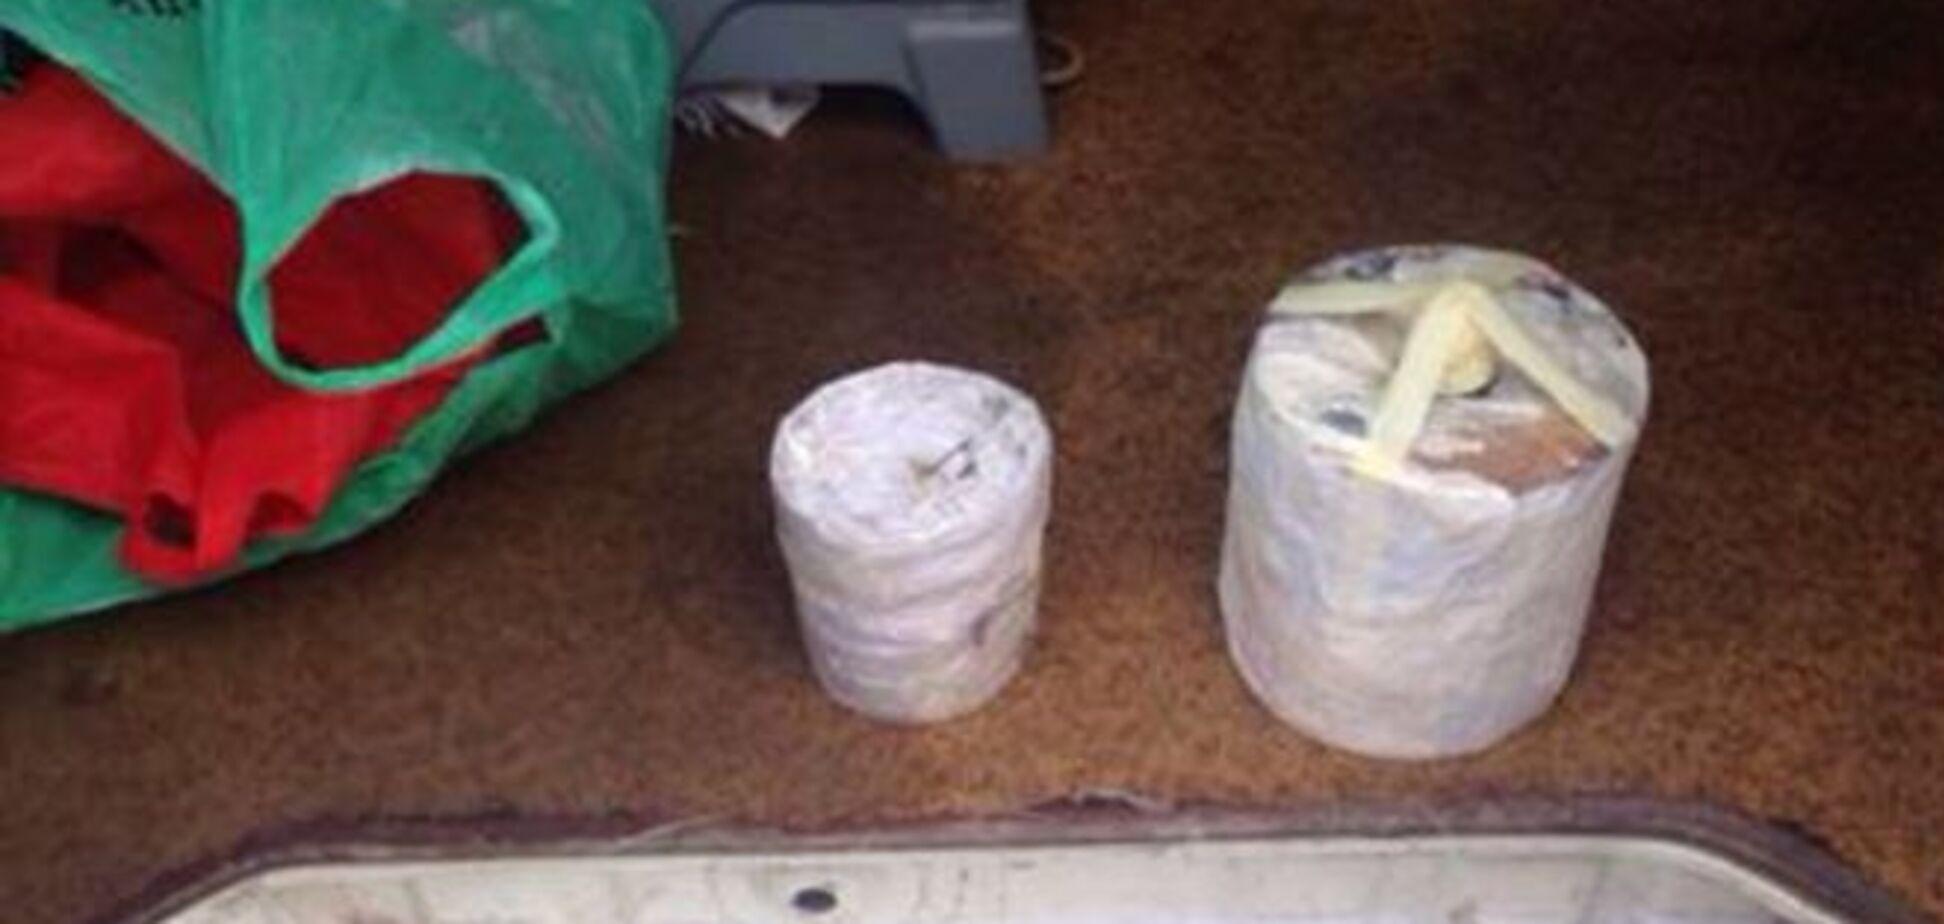 СБУ задержала двух подозреваемых в терактах в Одессе